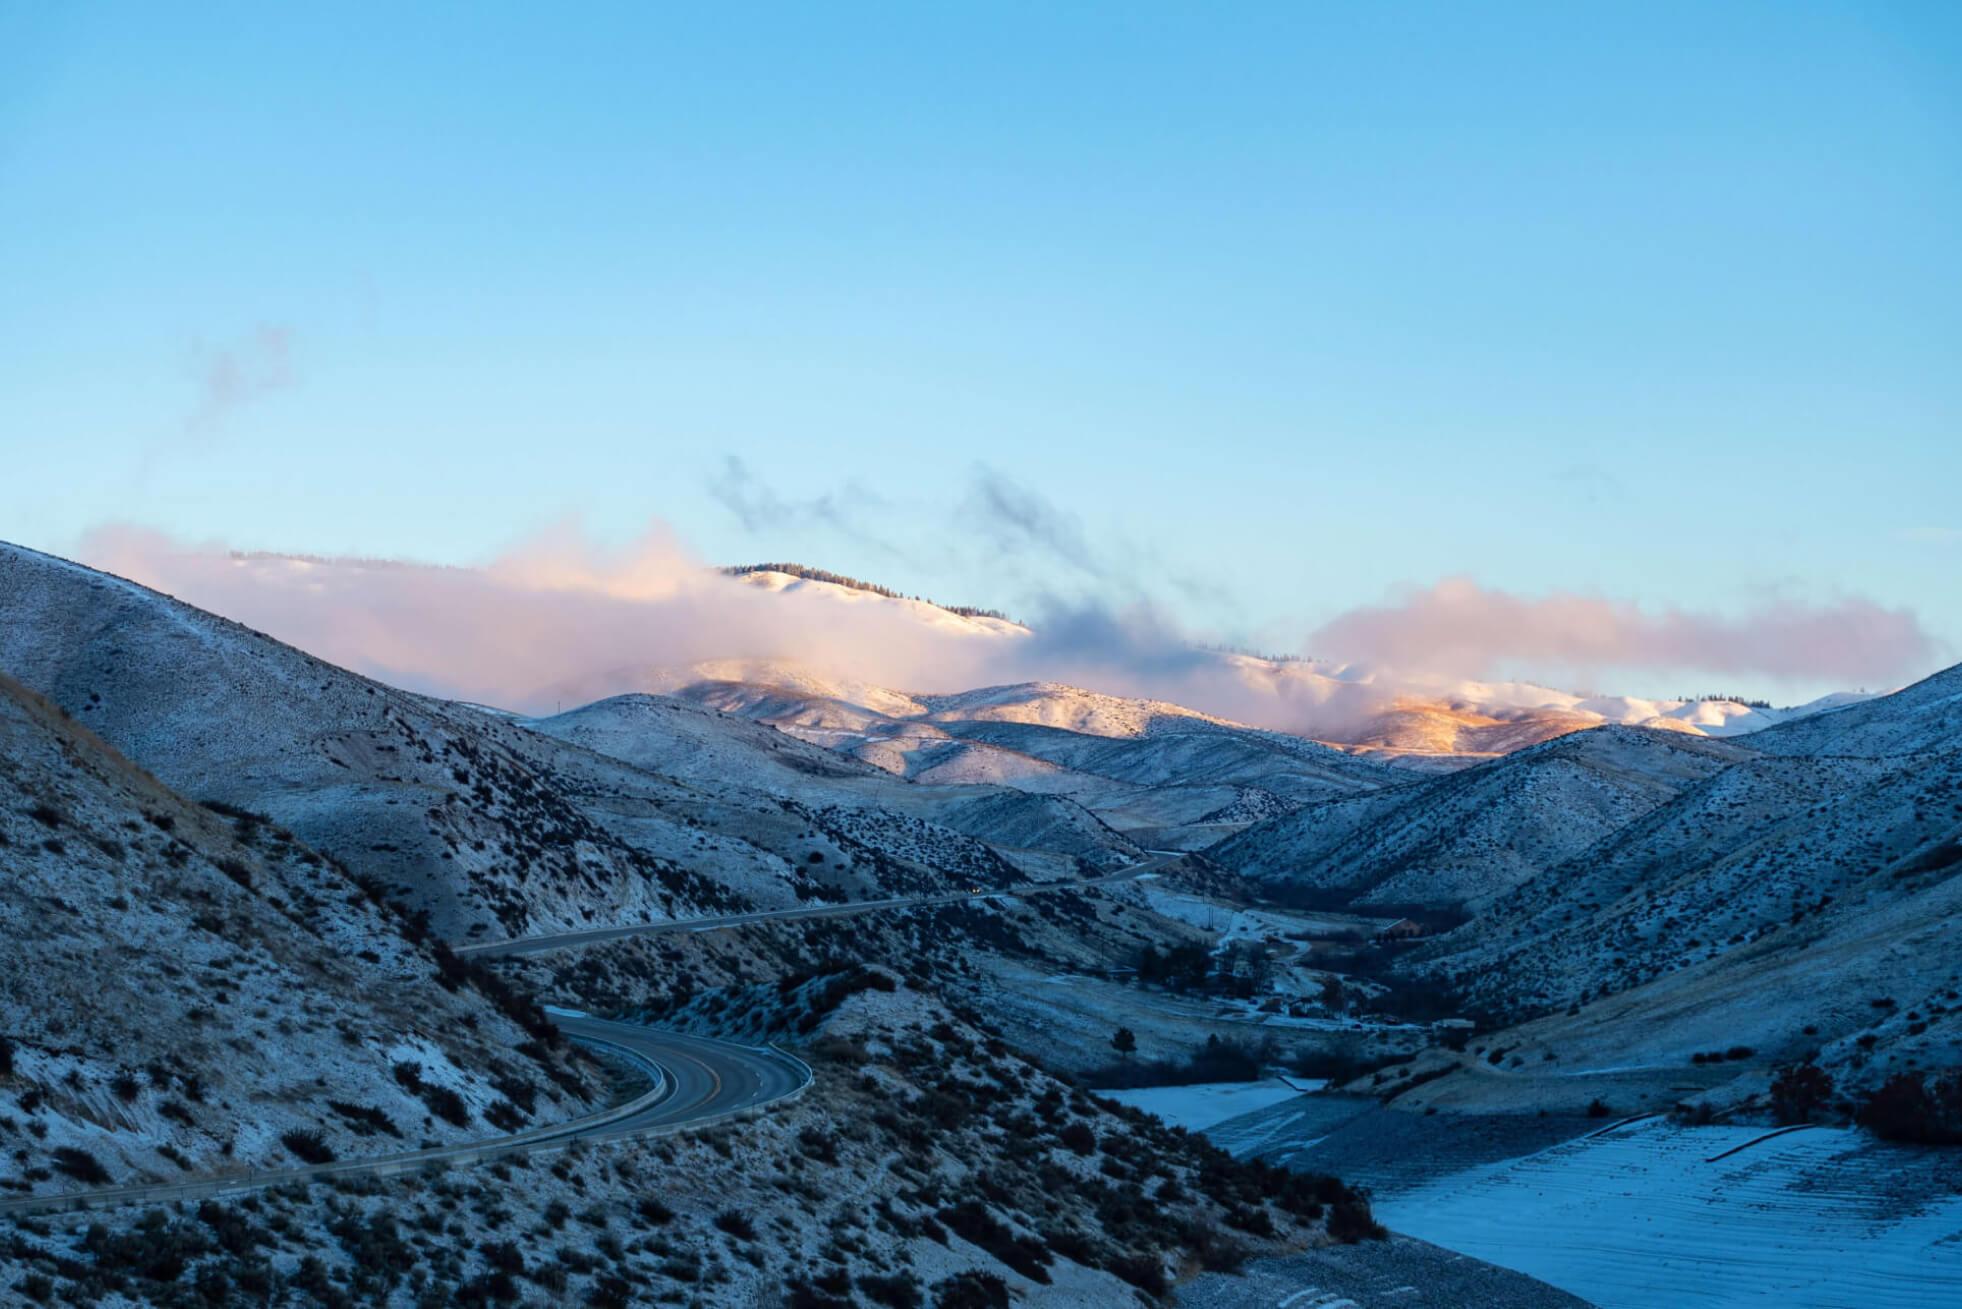 Gesund Bäume auf verschneiter Berglandschaft durch Streusalzalternative